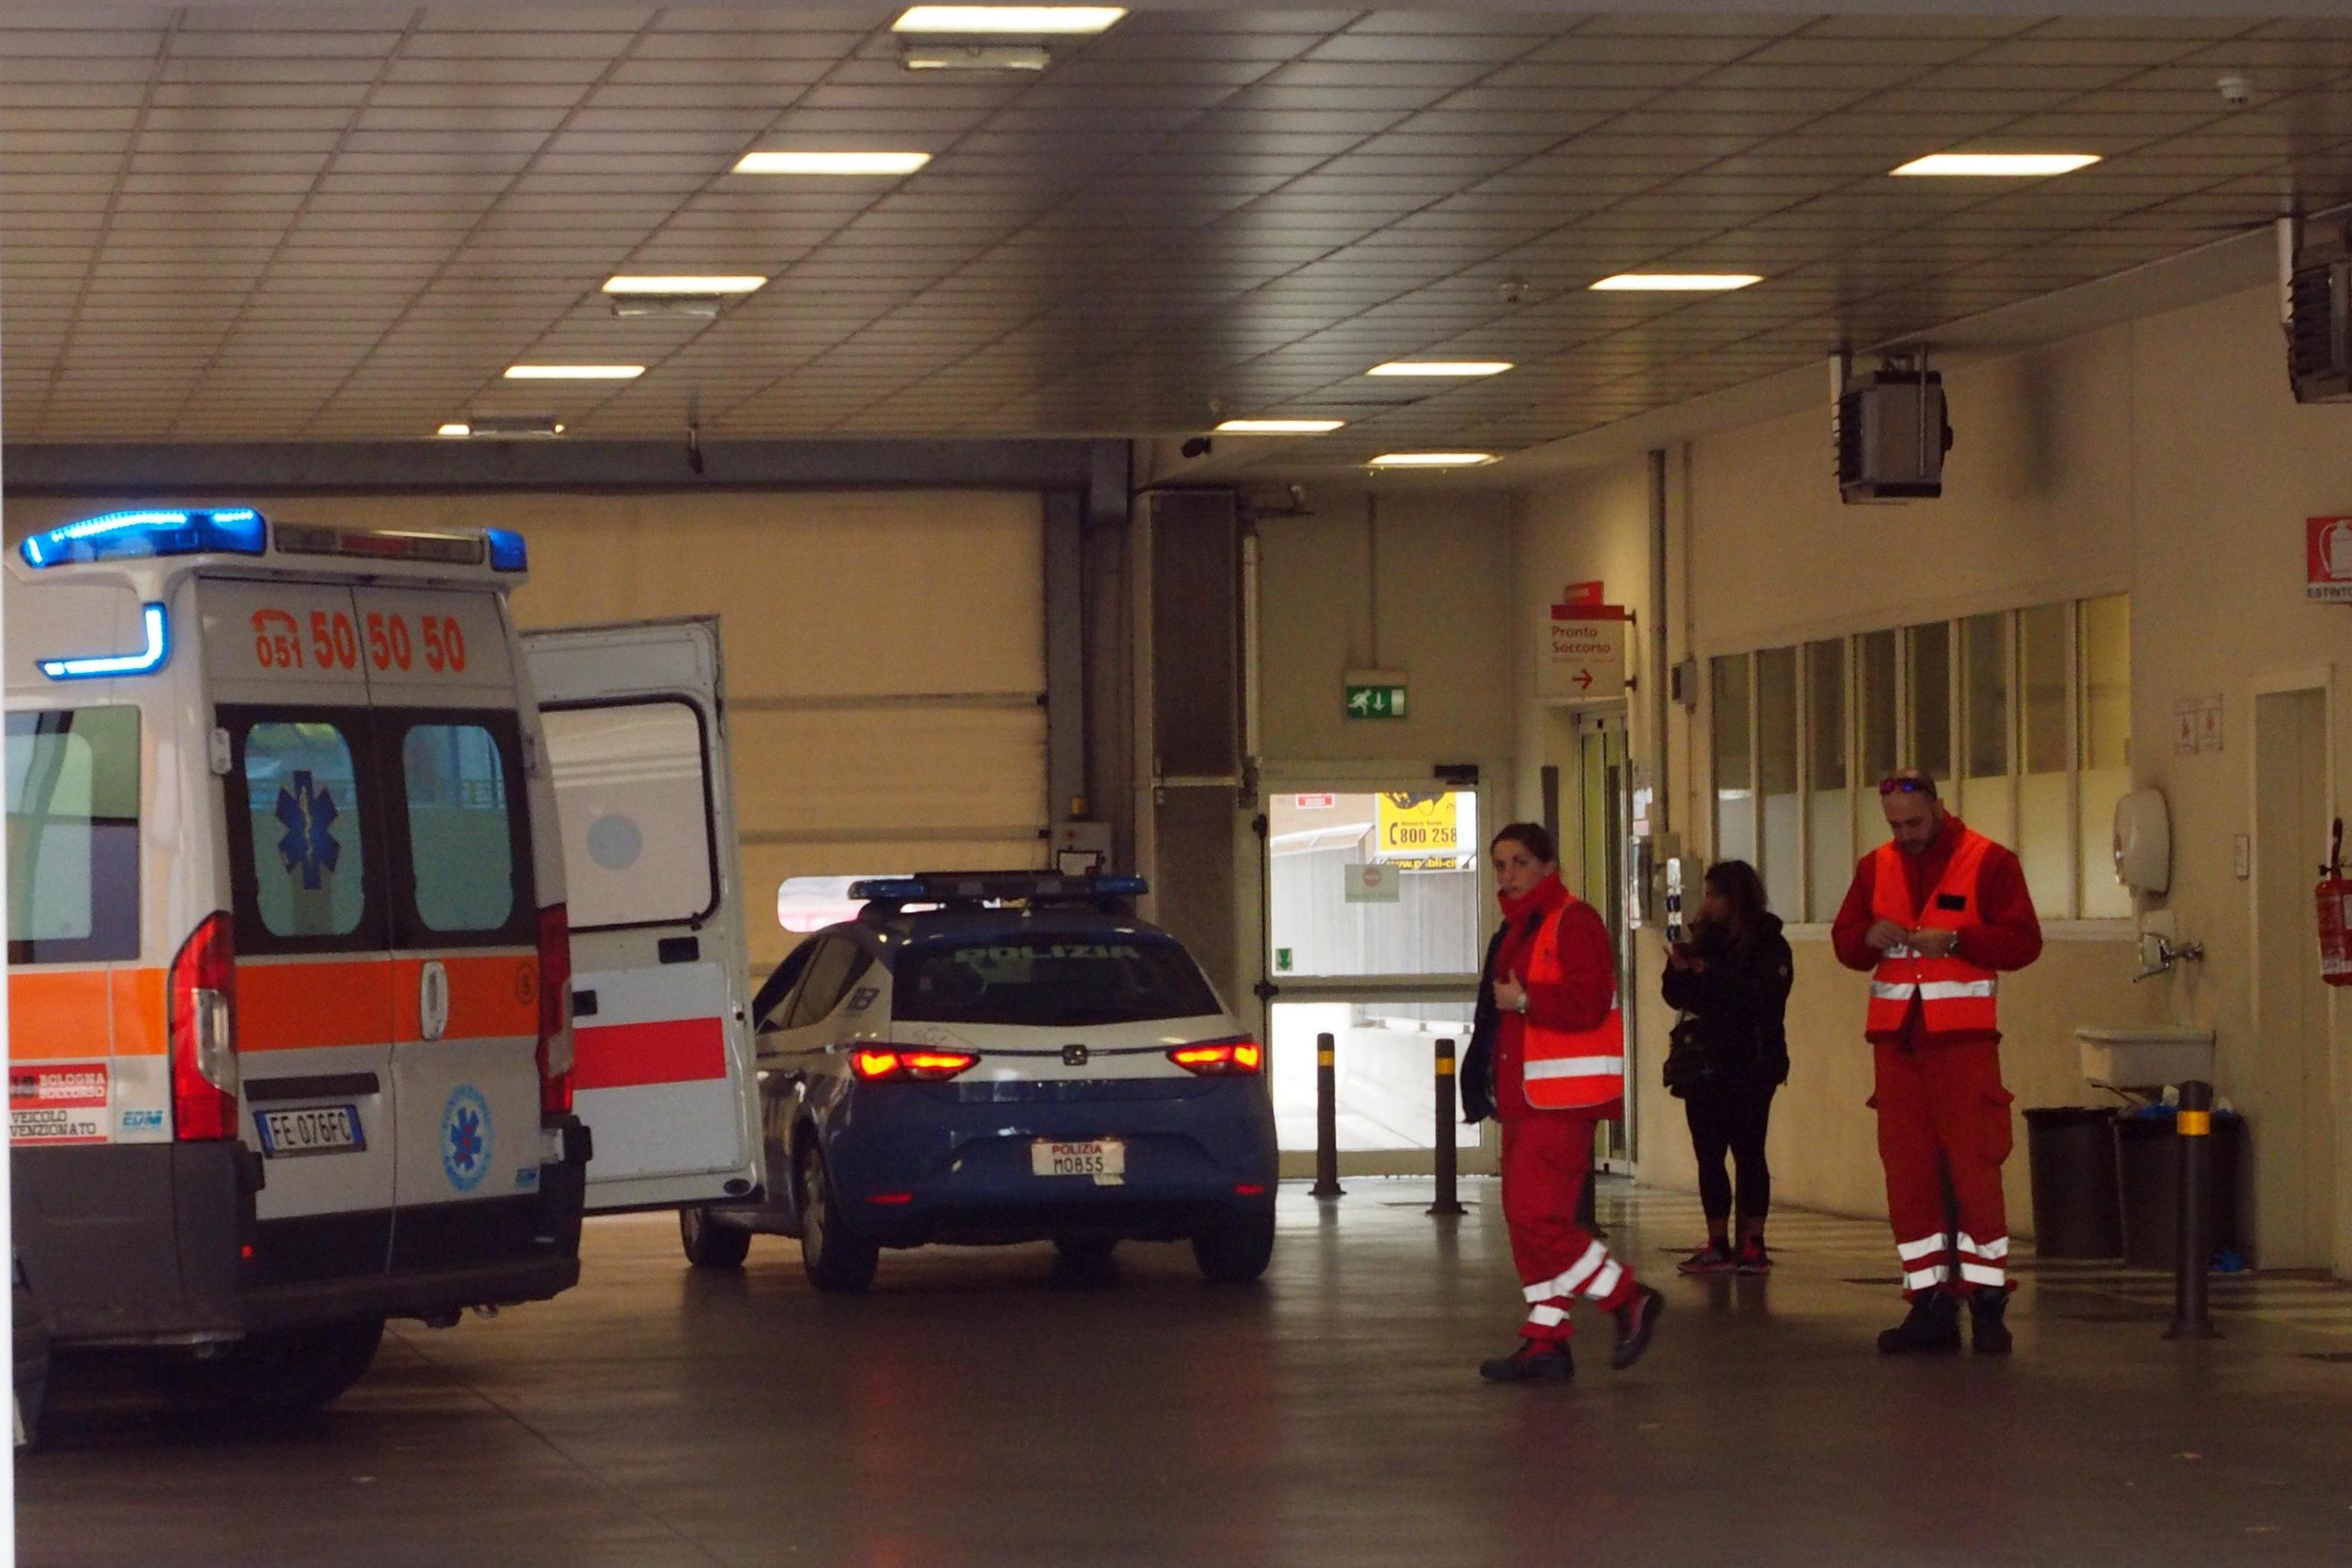 Barista picchiata da tre donne magrebine: 'A Sassuolo non si vive più'